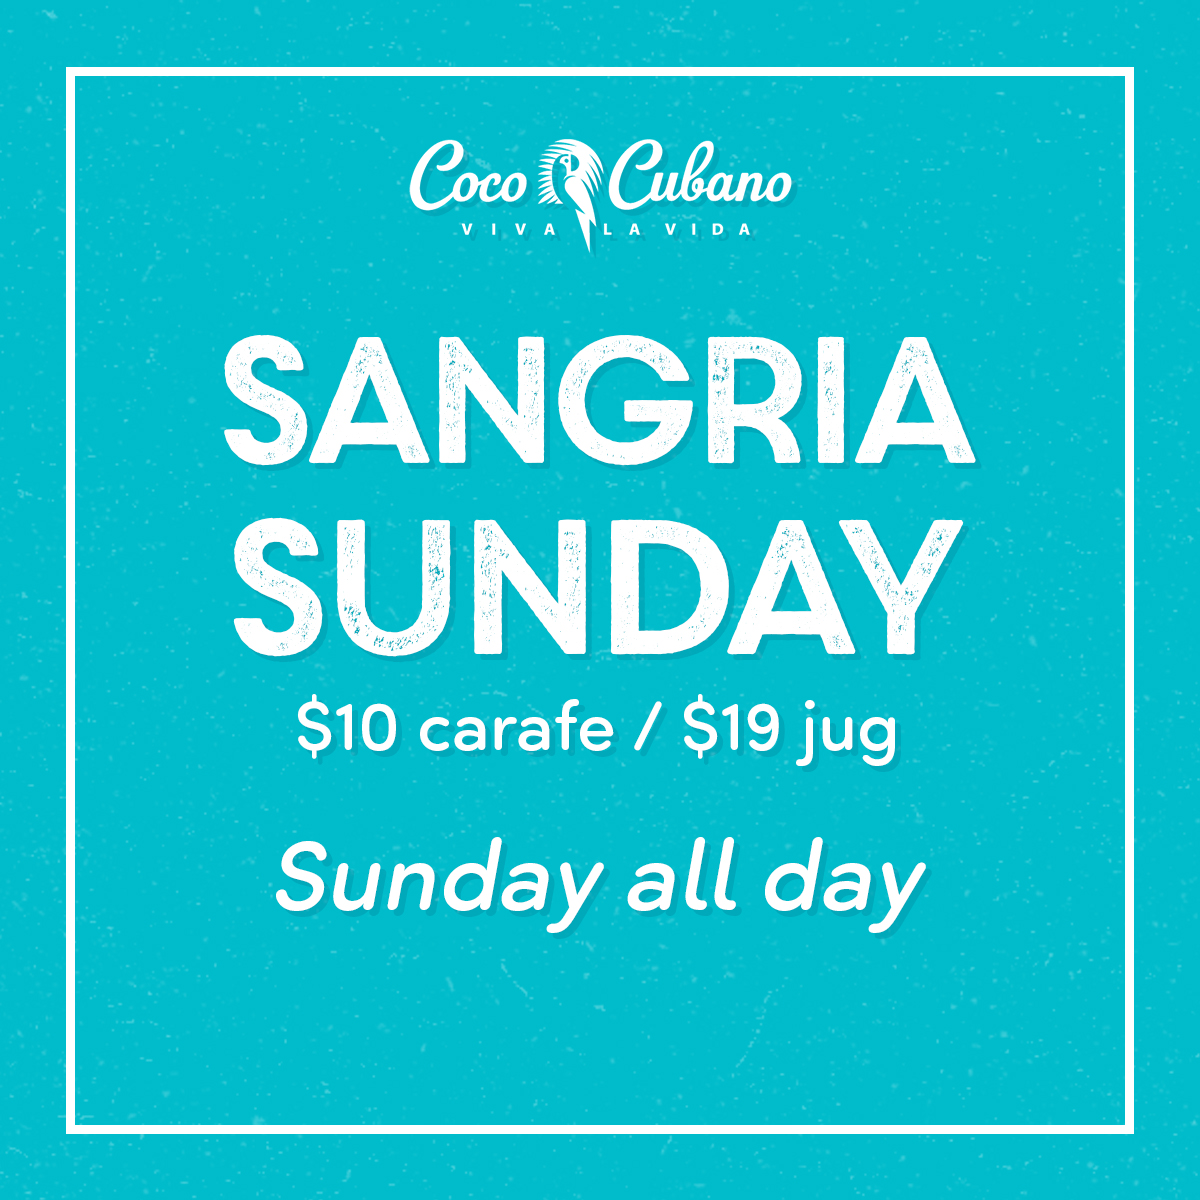 SUNDAY-sangria sundays.jpg.jpg